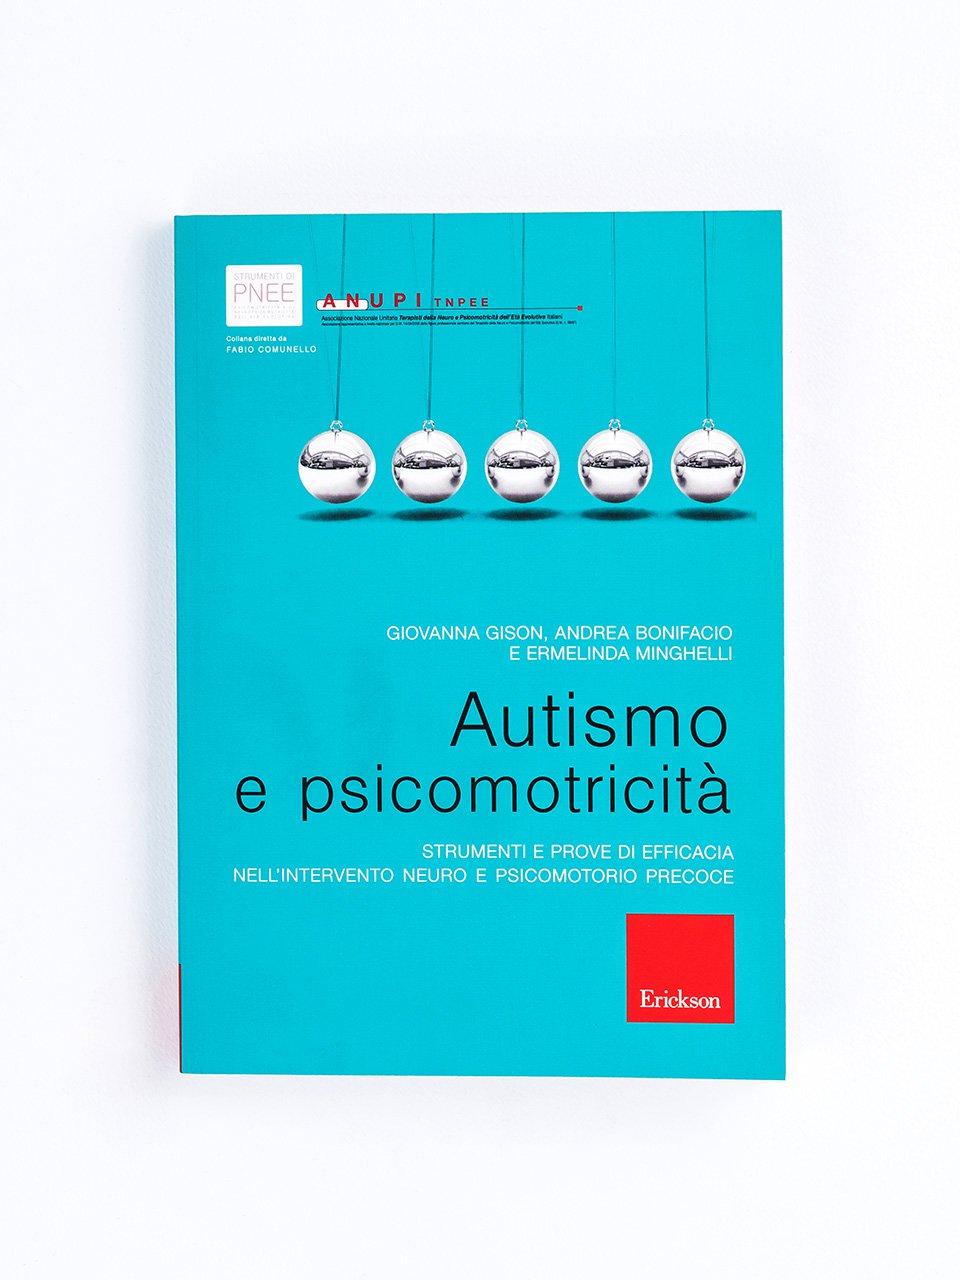 Autismo e psicomotricità - Libri e software per Autismo infantile e adulto - Erickson